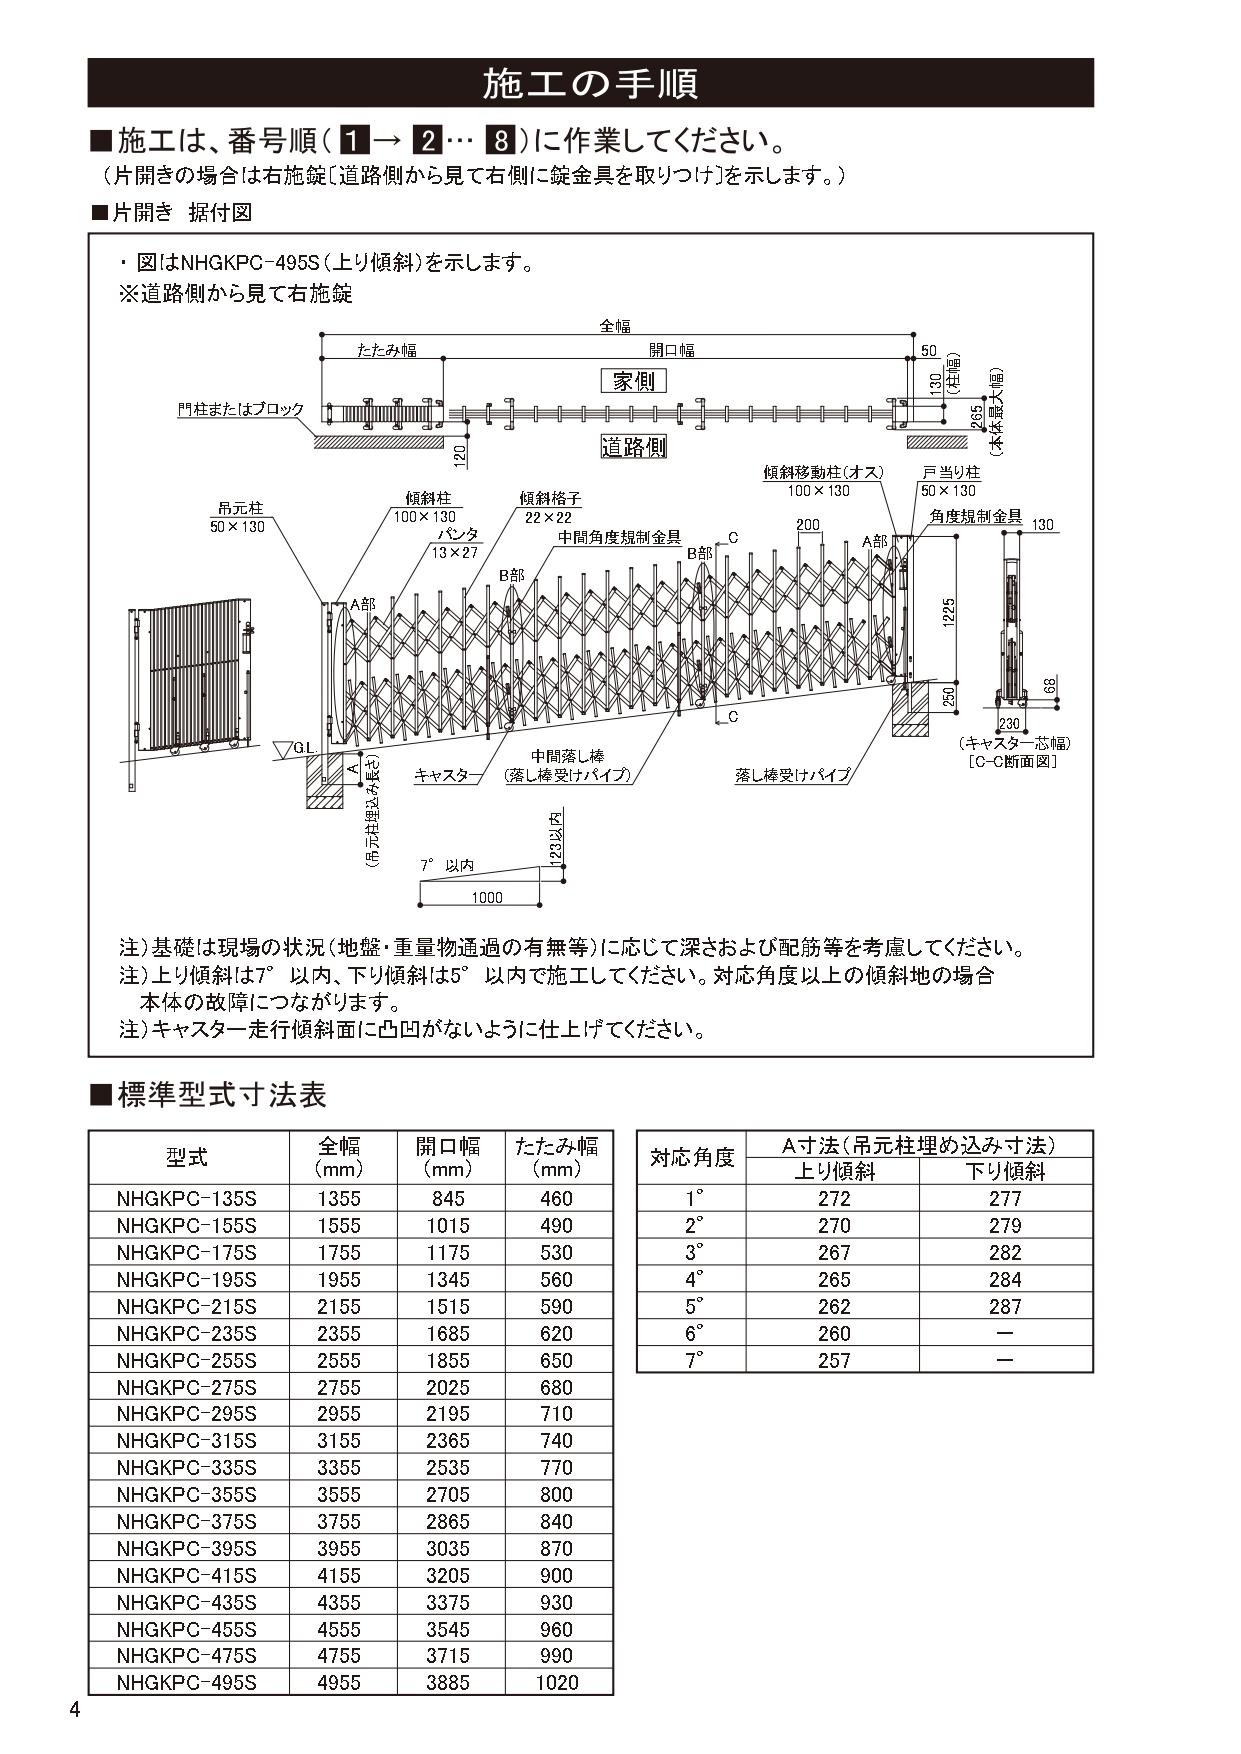 ニューハピネスHG 傾斜・ペットガードタイプ 施工説明書_page-0004